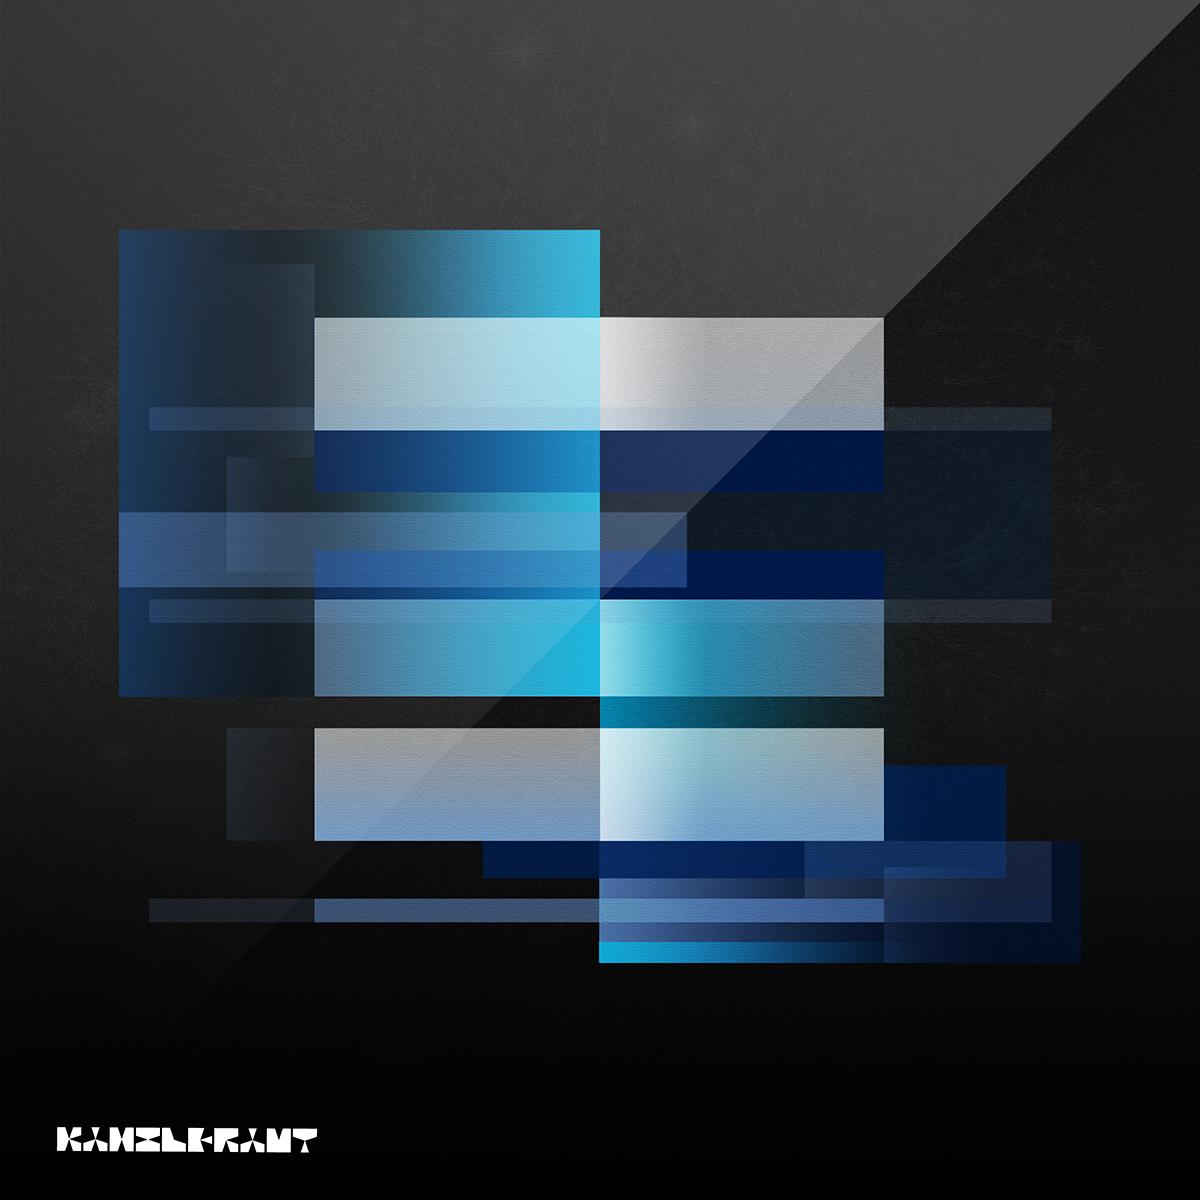 ray-kajioka-consistency-remixes